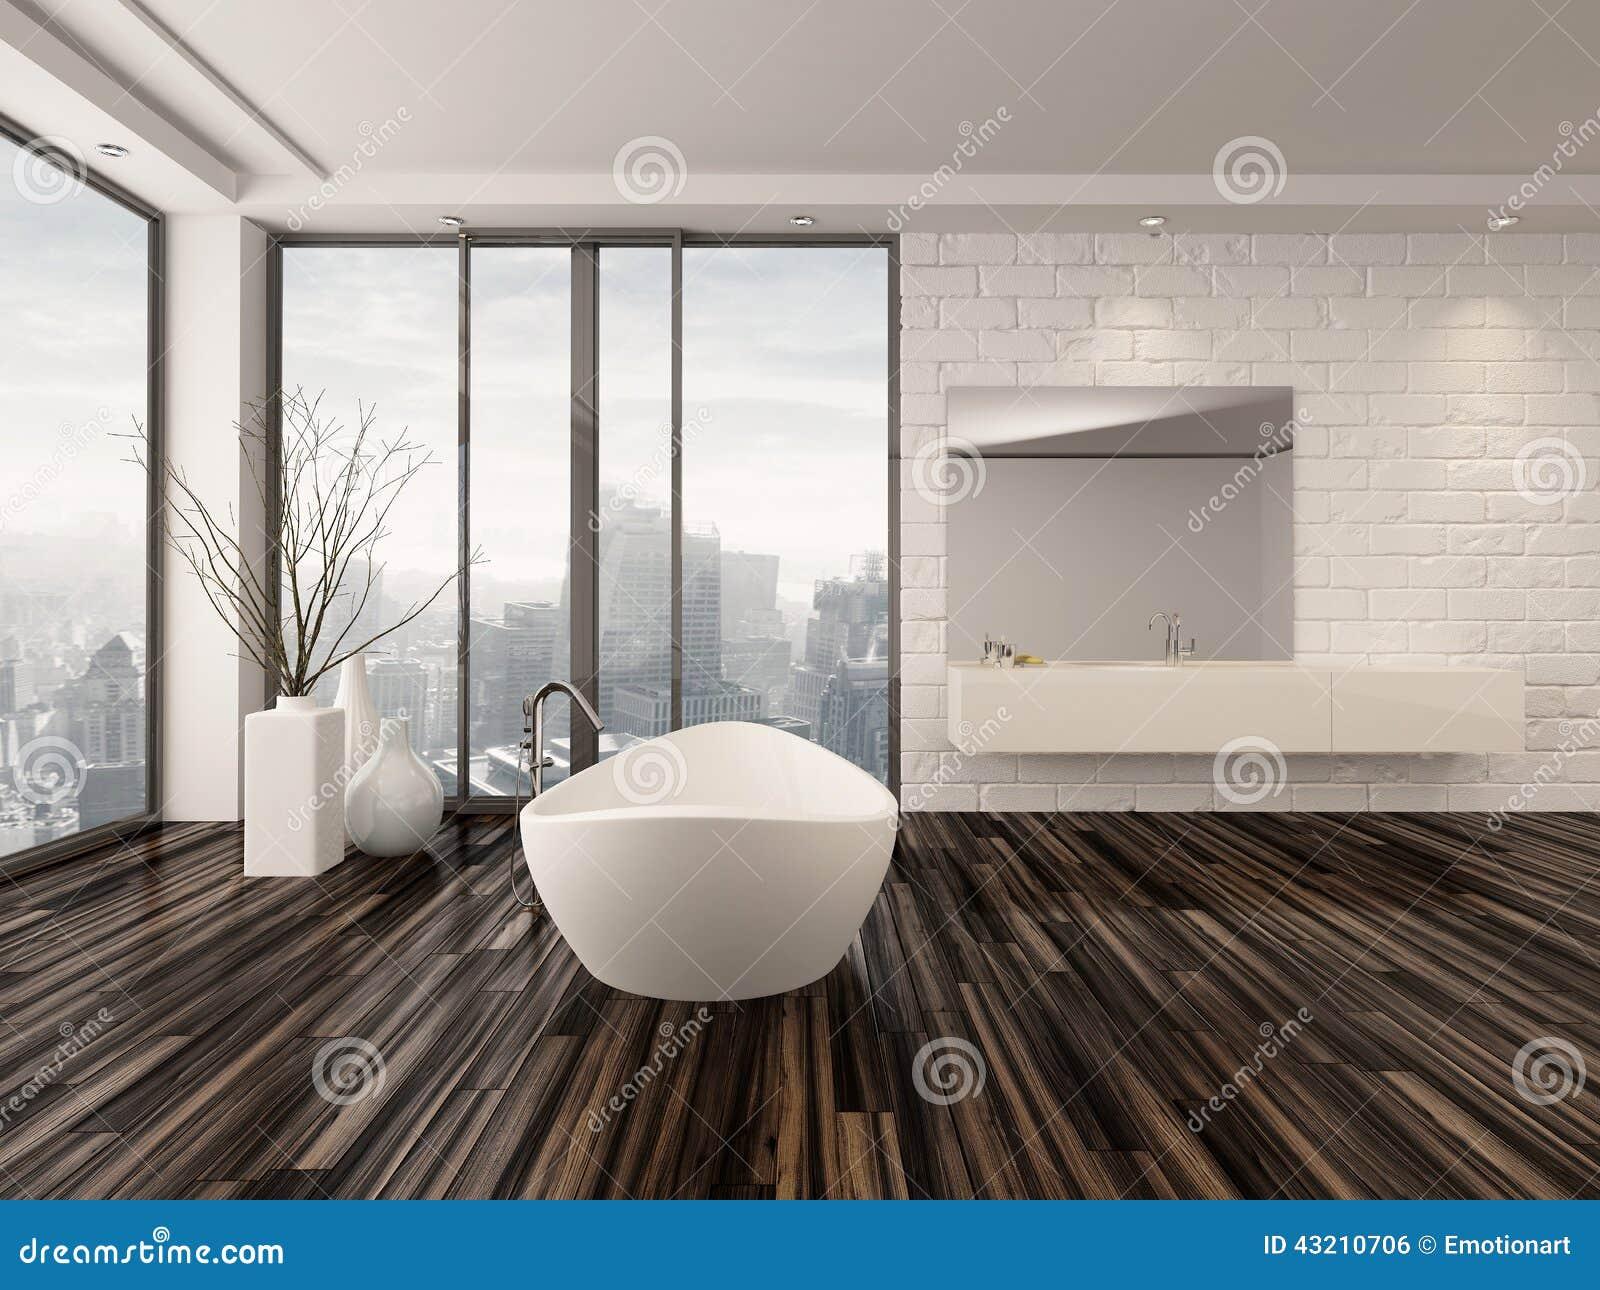 Baños Diseno Minimalista:Stock de ilustración: Interior minimalista blanco moderno del cuarto